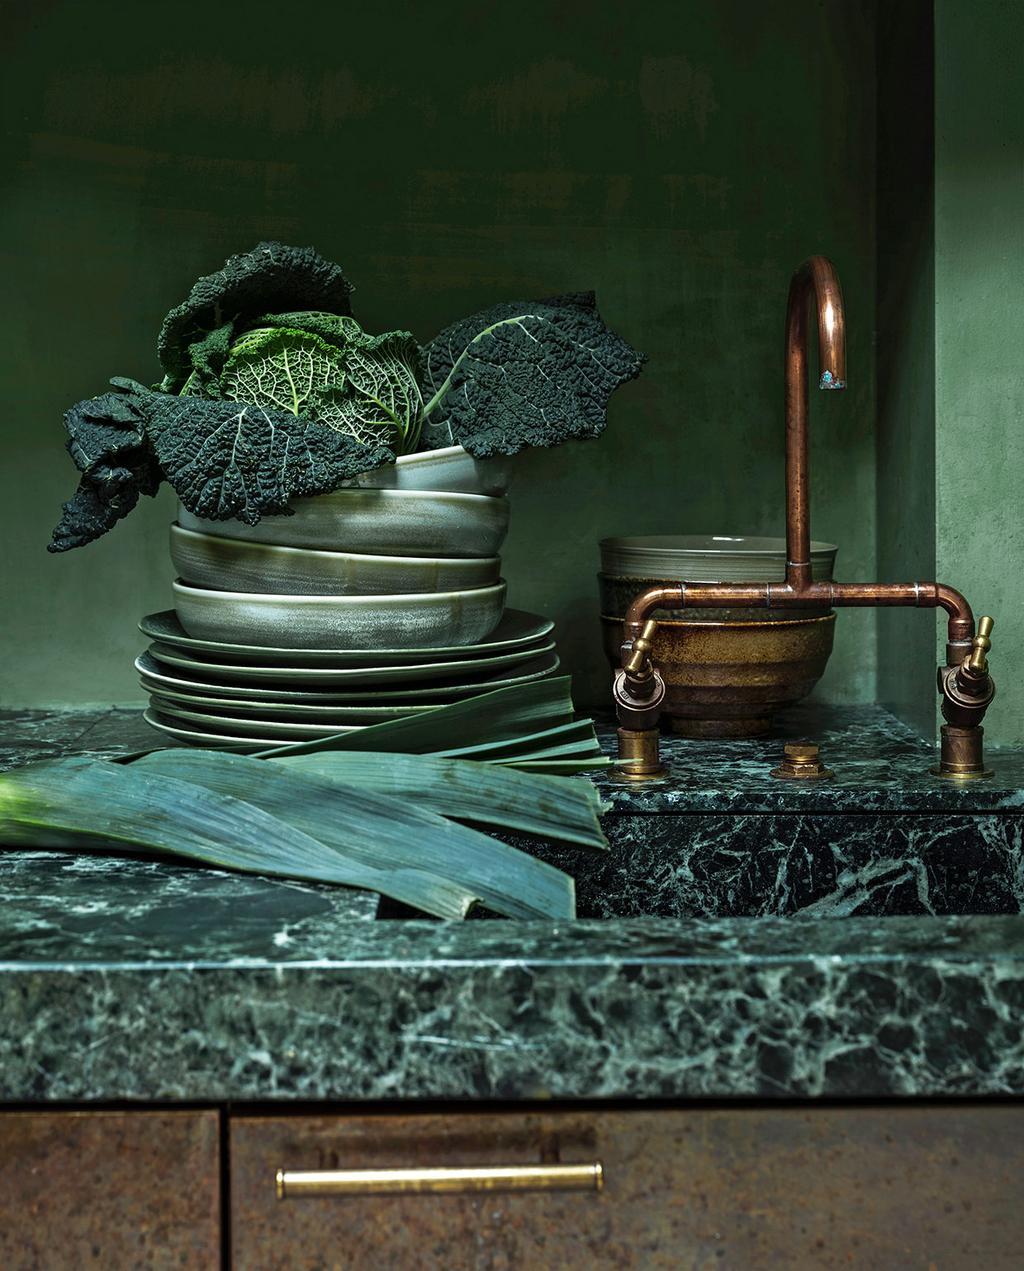 vtwonen 01-2021 | keuken met groen marmer aanrecht, groene borden, koperen kraan